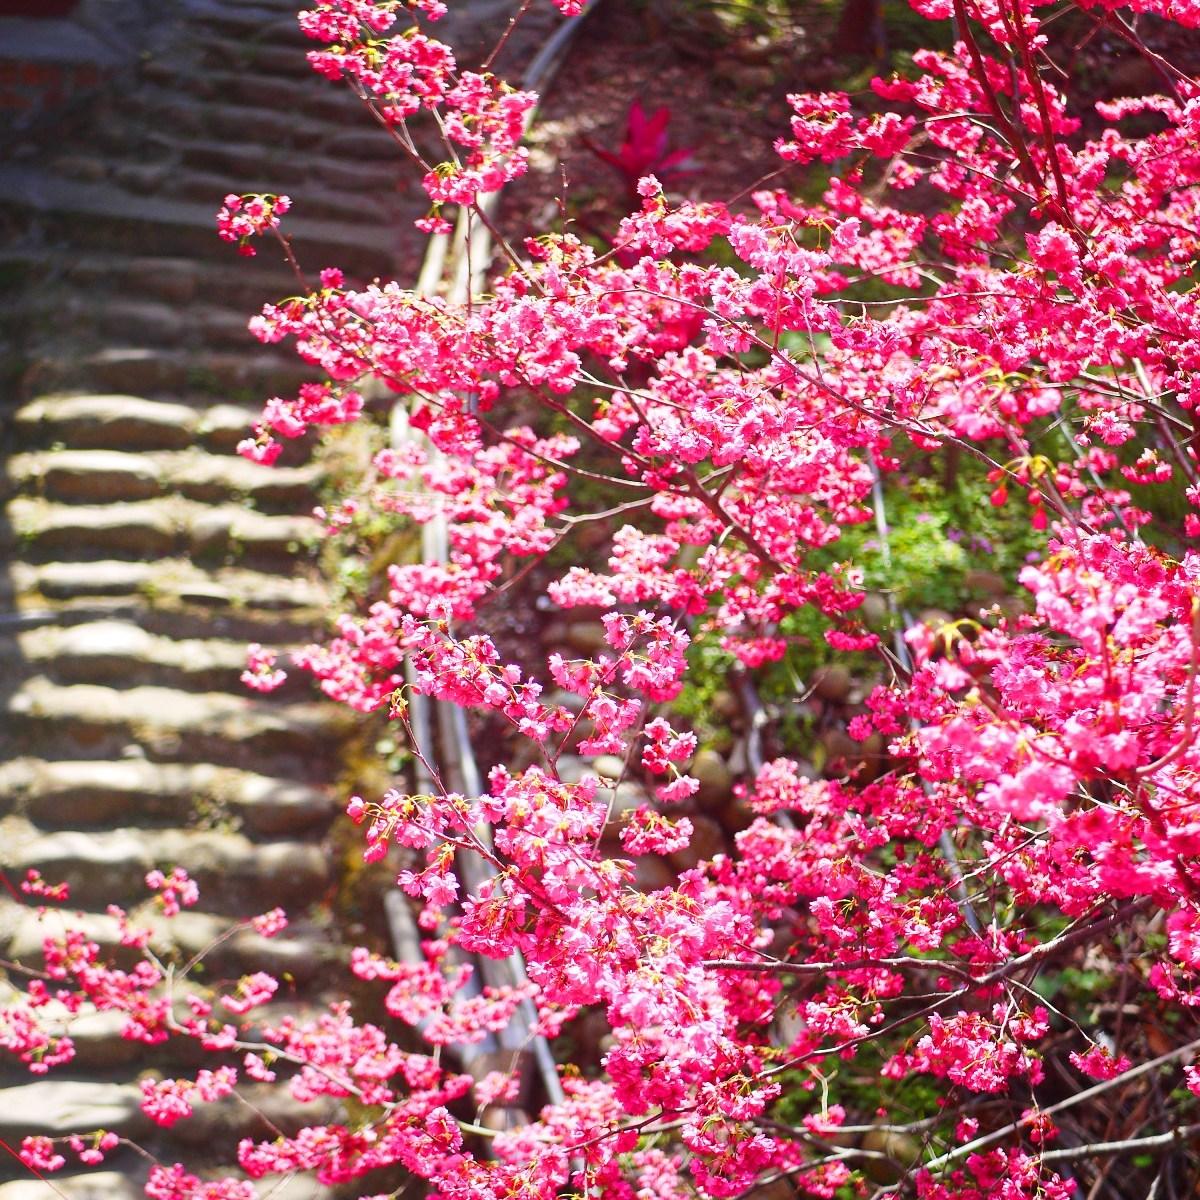 八重櫻與古樸的臺灣巷弄 | 石頭街道 | 古色古香 | 湖水里八重櫻秘境 | 湖水 | 員林 | 彰化 | RoundtripJp